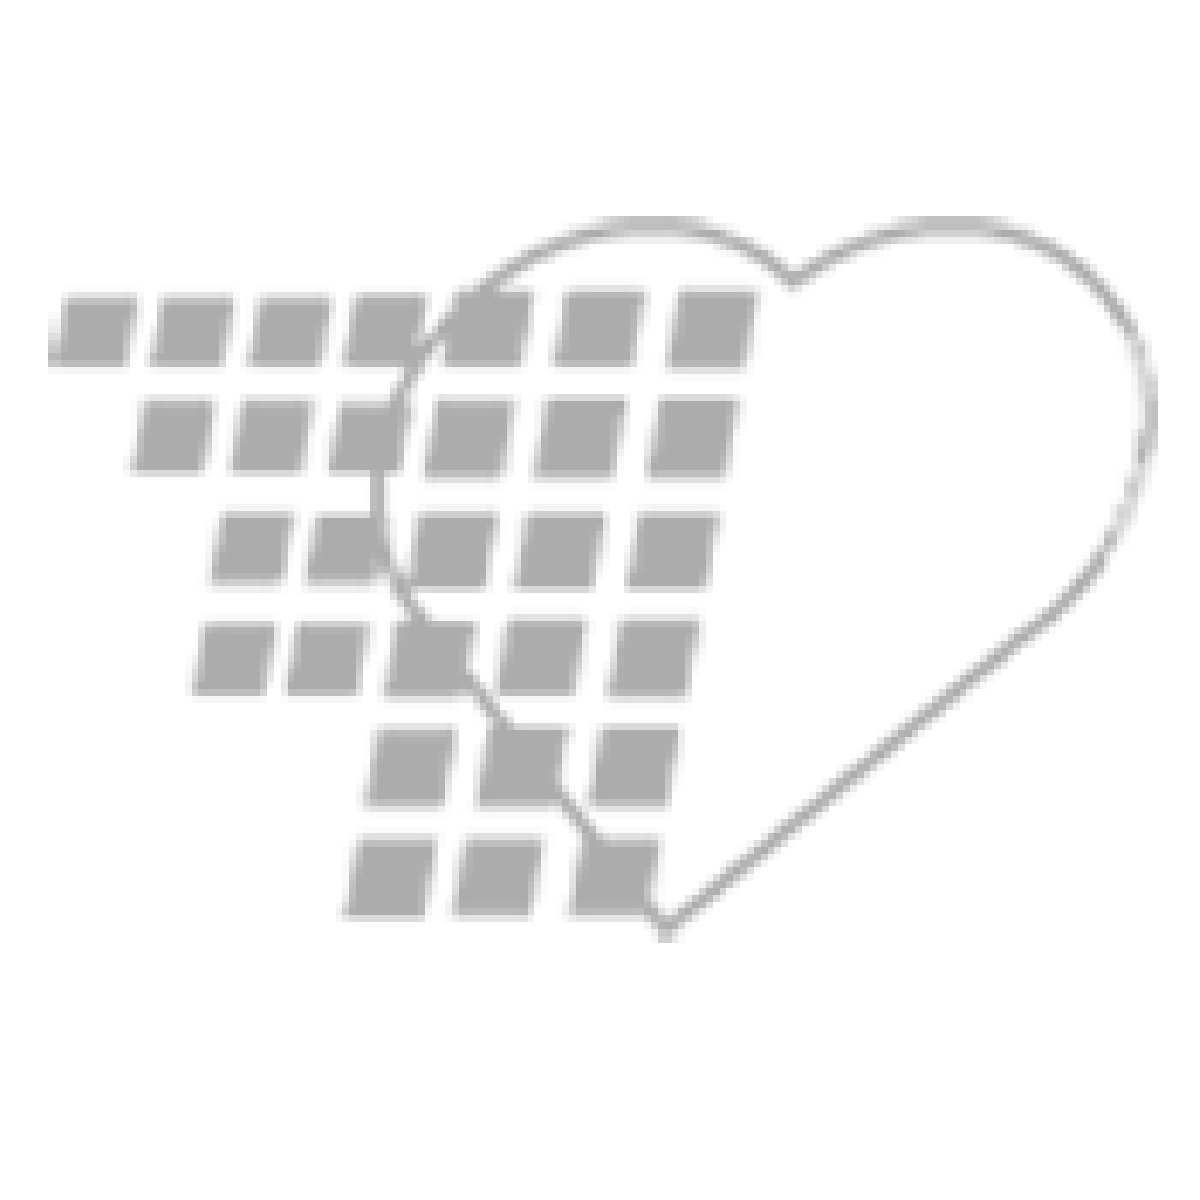 12-81-1171 Nasco Infant Tracheostomy Tube